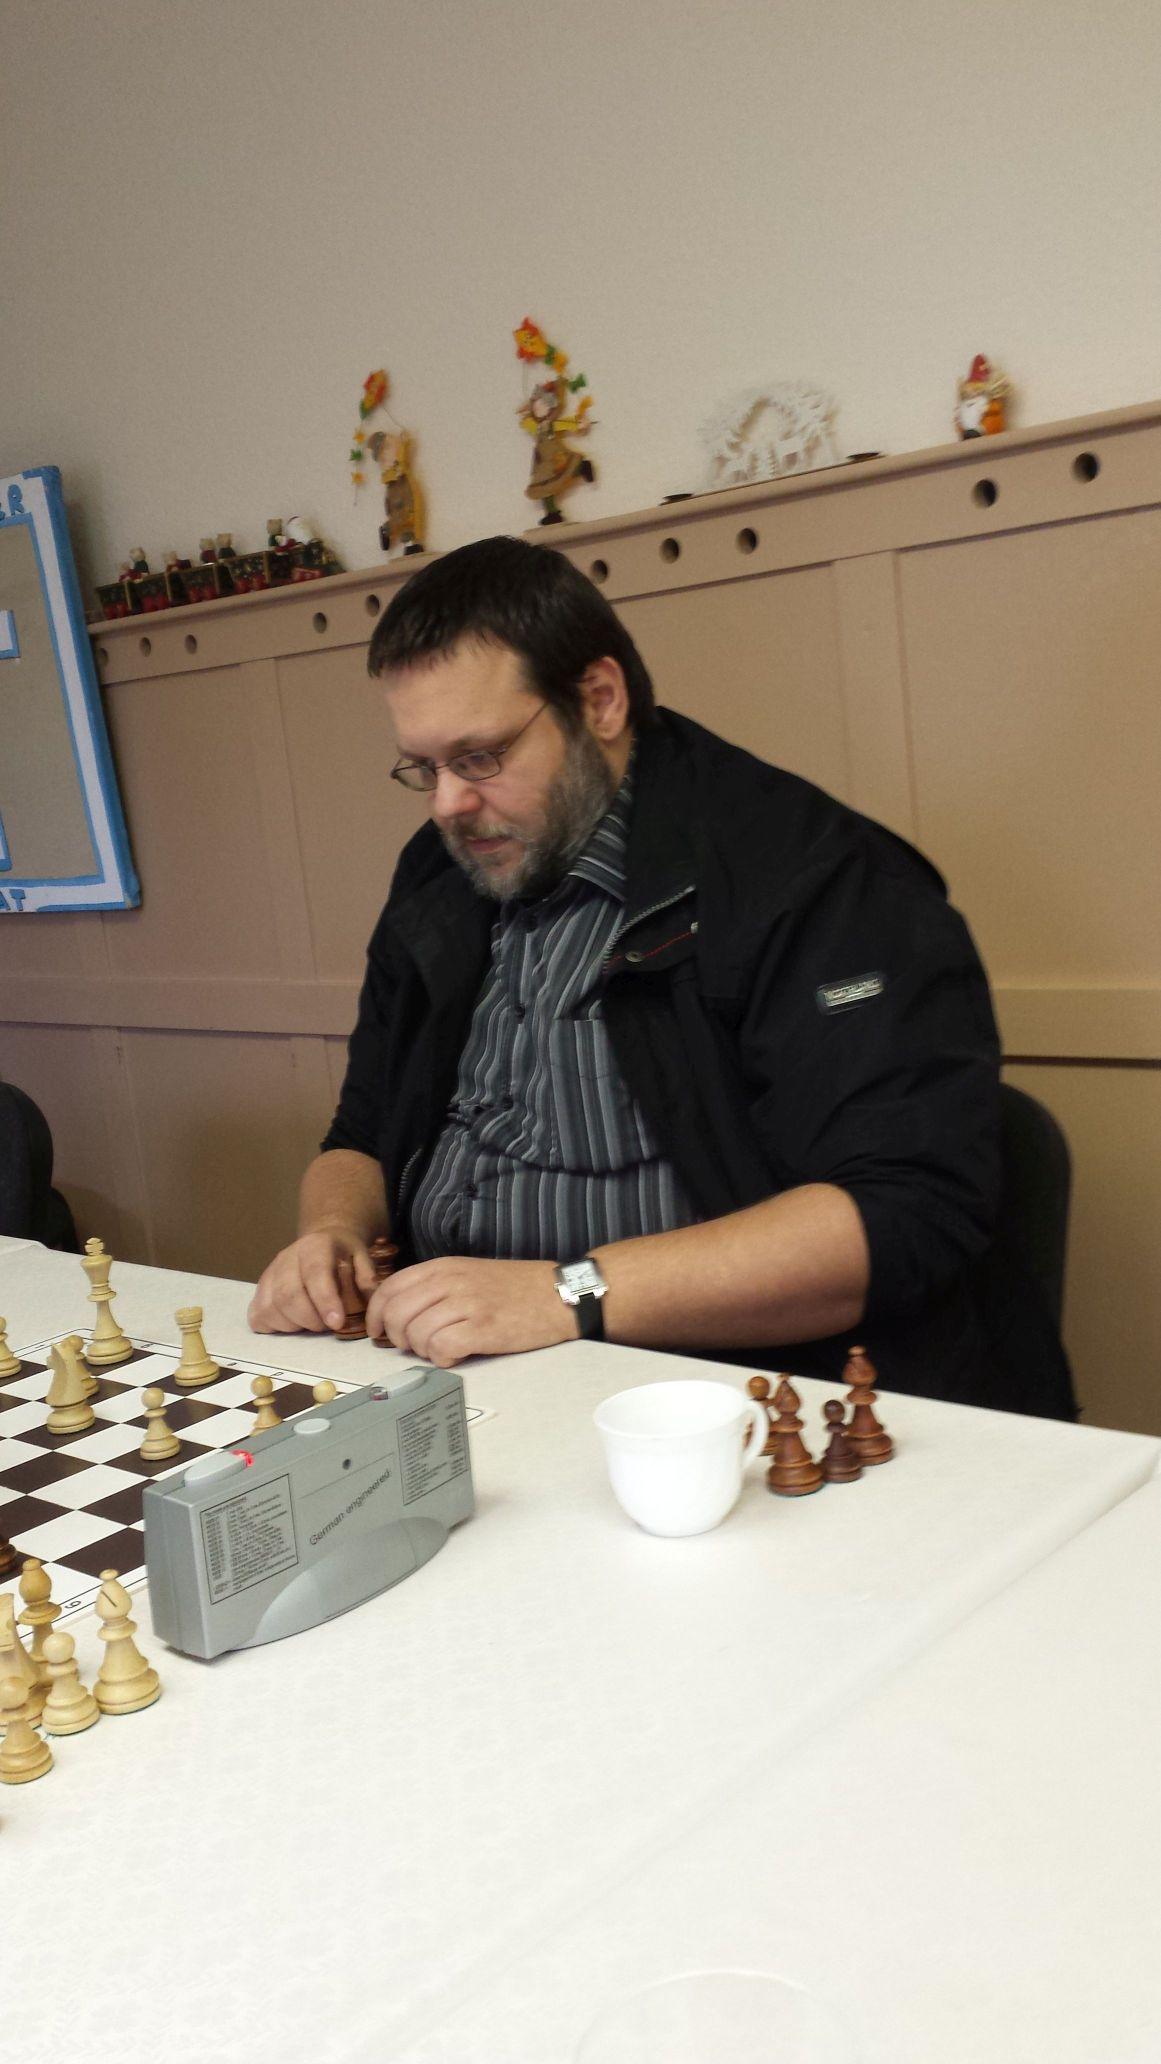 Der spätere Sieger beim konzentrierten Spiel